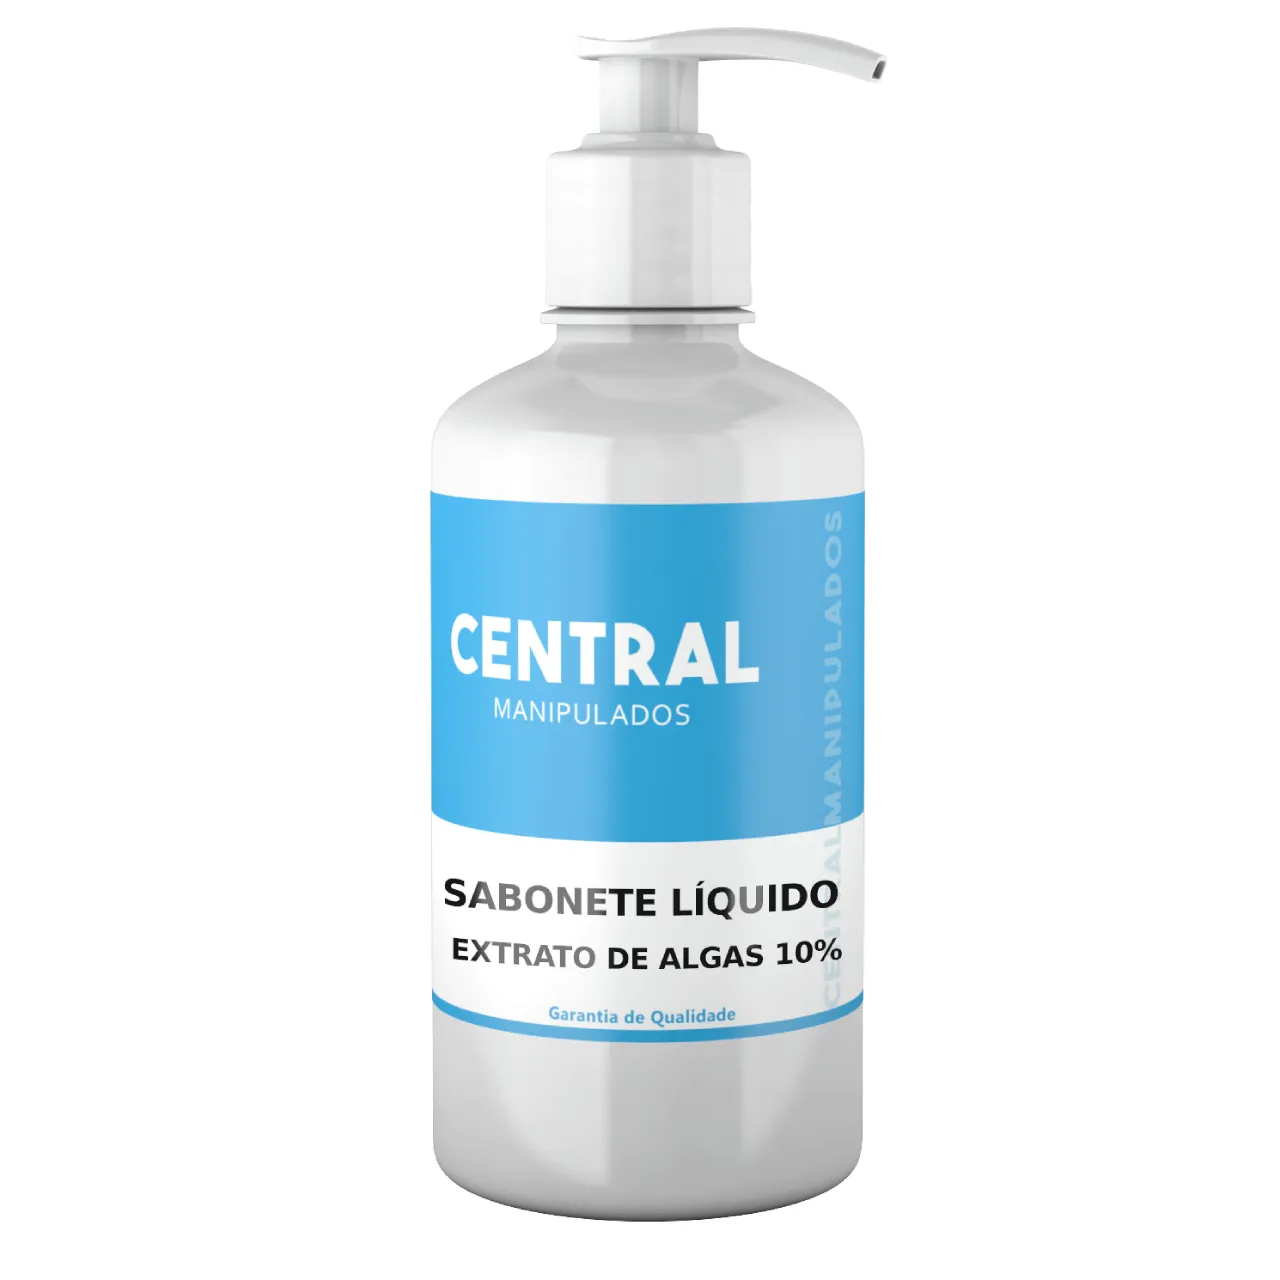 Sabonete Líquido Extrato de Algas 10% - 200ML - Uso externo para Celulite, Cicatrizante, Remineralizante, Suavizante e Hidratante.